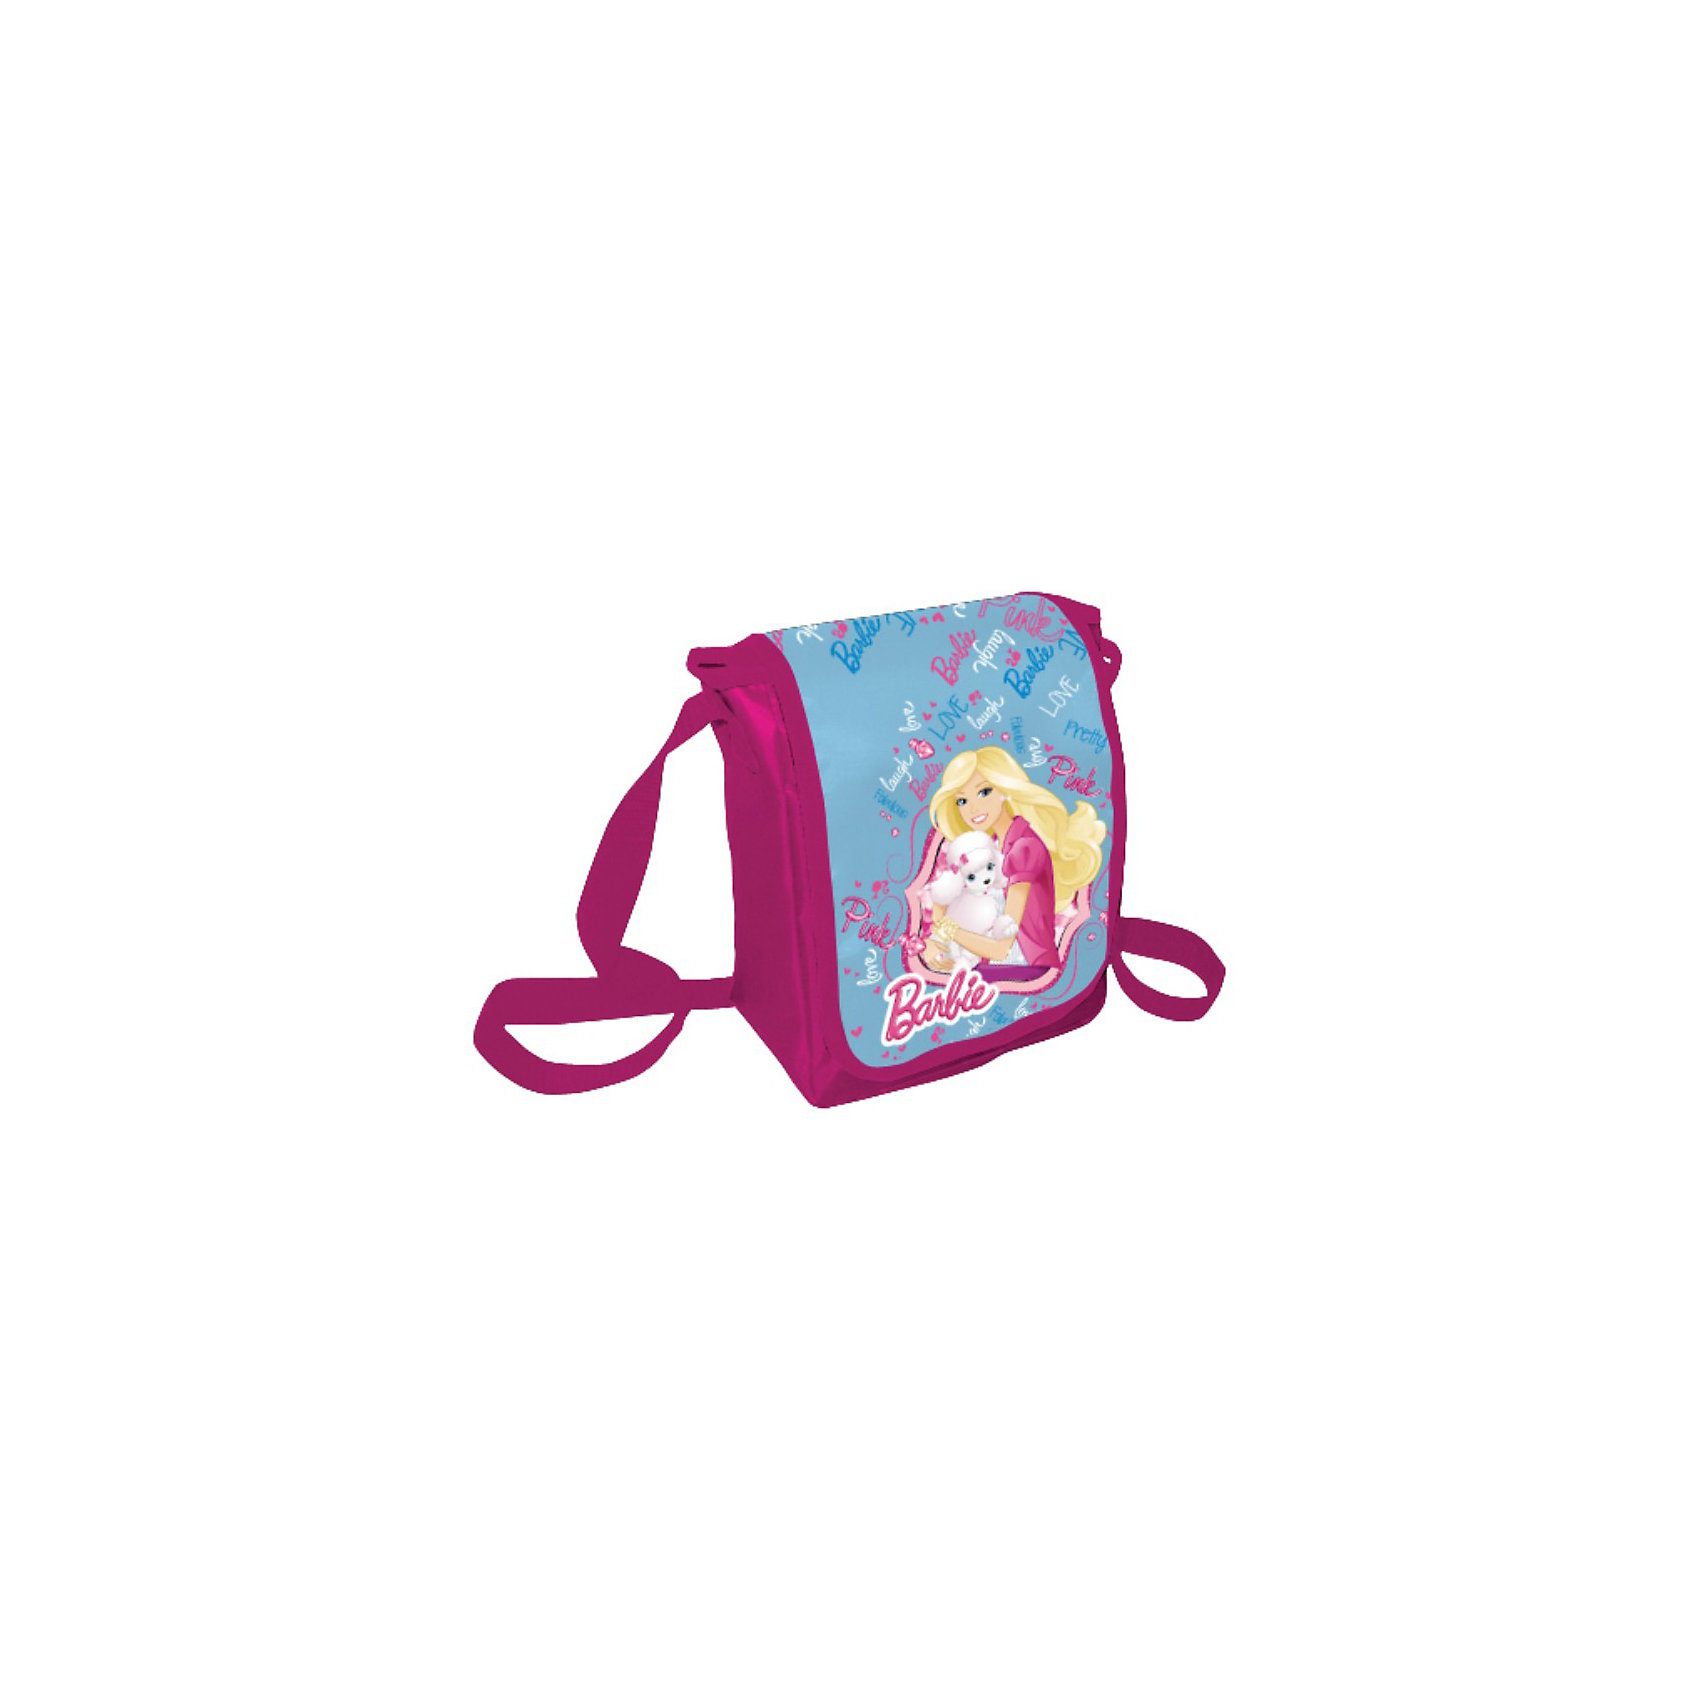 Сумка, BarbieДетские сумки<br>Сумка, Barbie (Барби) — удобная и яркая вещь. Эта сумка через плечо подойдет не только для школы, но и для повседневной жизни девочки. В нее с легкостью помещаются все необходимые вещи — сменная обувь, книжки или просто личные вещи, а носить ее очень удобно. На сумке ярко-розового цвета изображена любимица многих девочек Барби. Сумка застегивается на молнию, ремень-ручку можно регулировать по длине. Сумка выполнена из не маркого материала, который сохраняет первоначальный вид очень долгое время.<br><br>Яркий аксессуар, который непременно понравится поклонникам  Barbie!<br><br>Дополнительная информация:<br><br>- Материал: полиэстер<br>- Размер: 22 х 17 х 8 см<br>- Вес: 160 г.<br><br>Сумку, Barbie (Барби) можно купить в нашем интернет-магазине.<br><br>Ширина мм: 220<br>Глубина мм: 170<br>Высота мм: 80<br>Вес г: 160<br>Возраст от месяцев: 96<br>Возраст до месяцев: 108<br>Пол: Женский<br>Возраст: Детский<br>SKU: 3563132